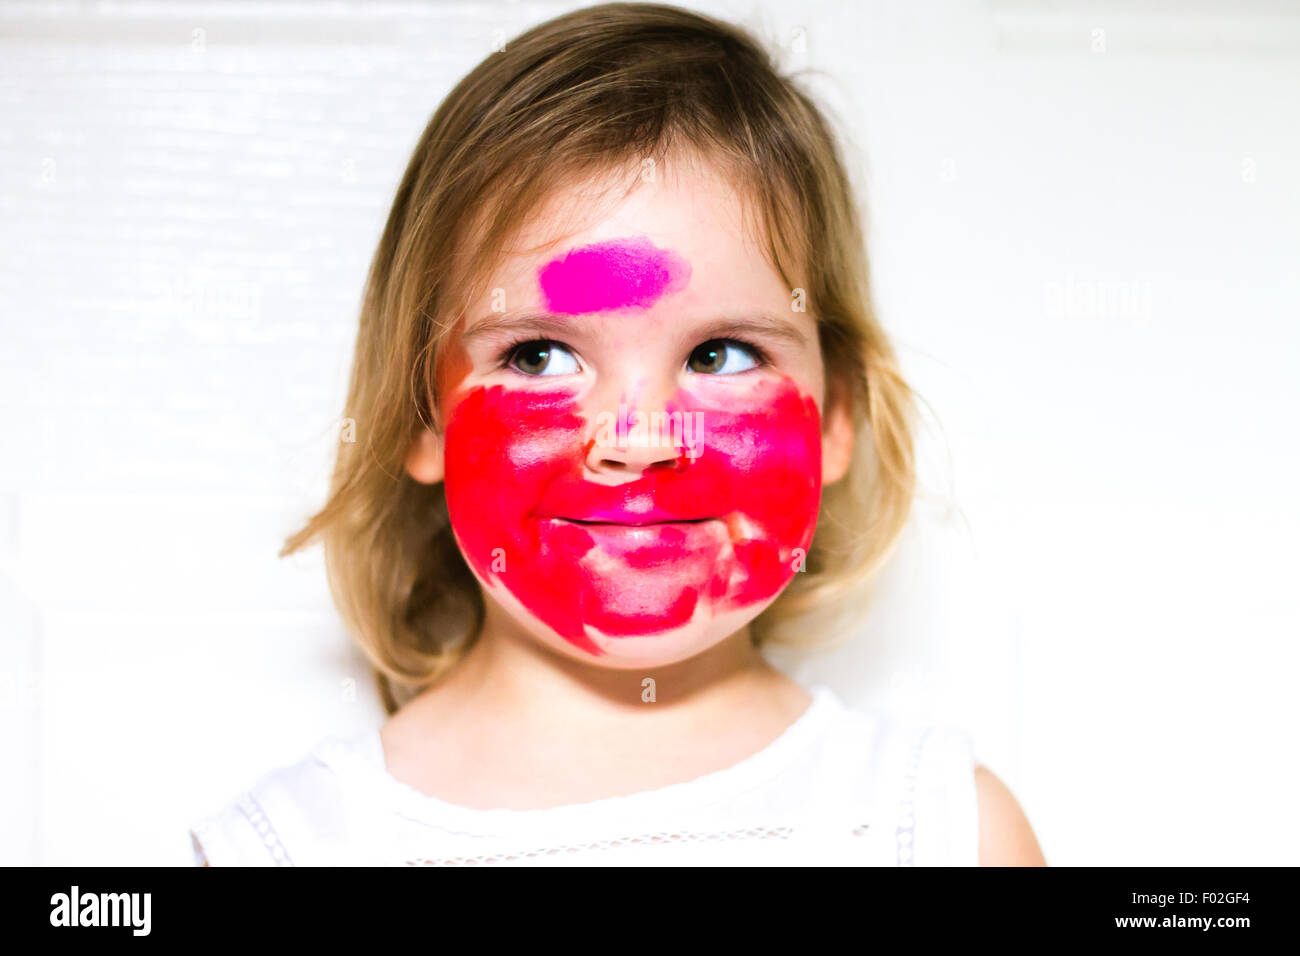 Porträt eines Mädchens mit Lippenstift über das ganze Gesicht Stockbild